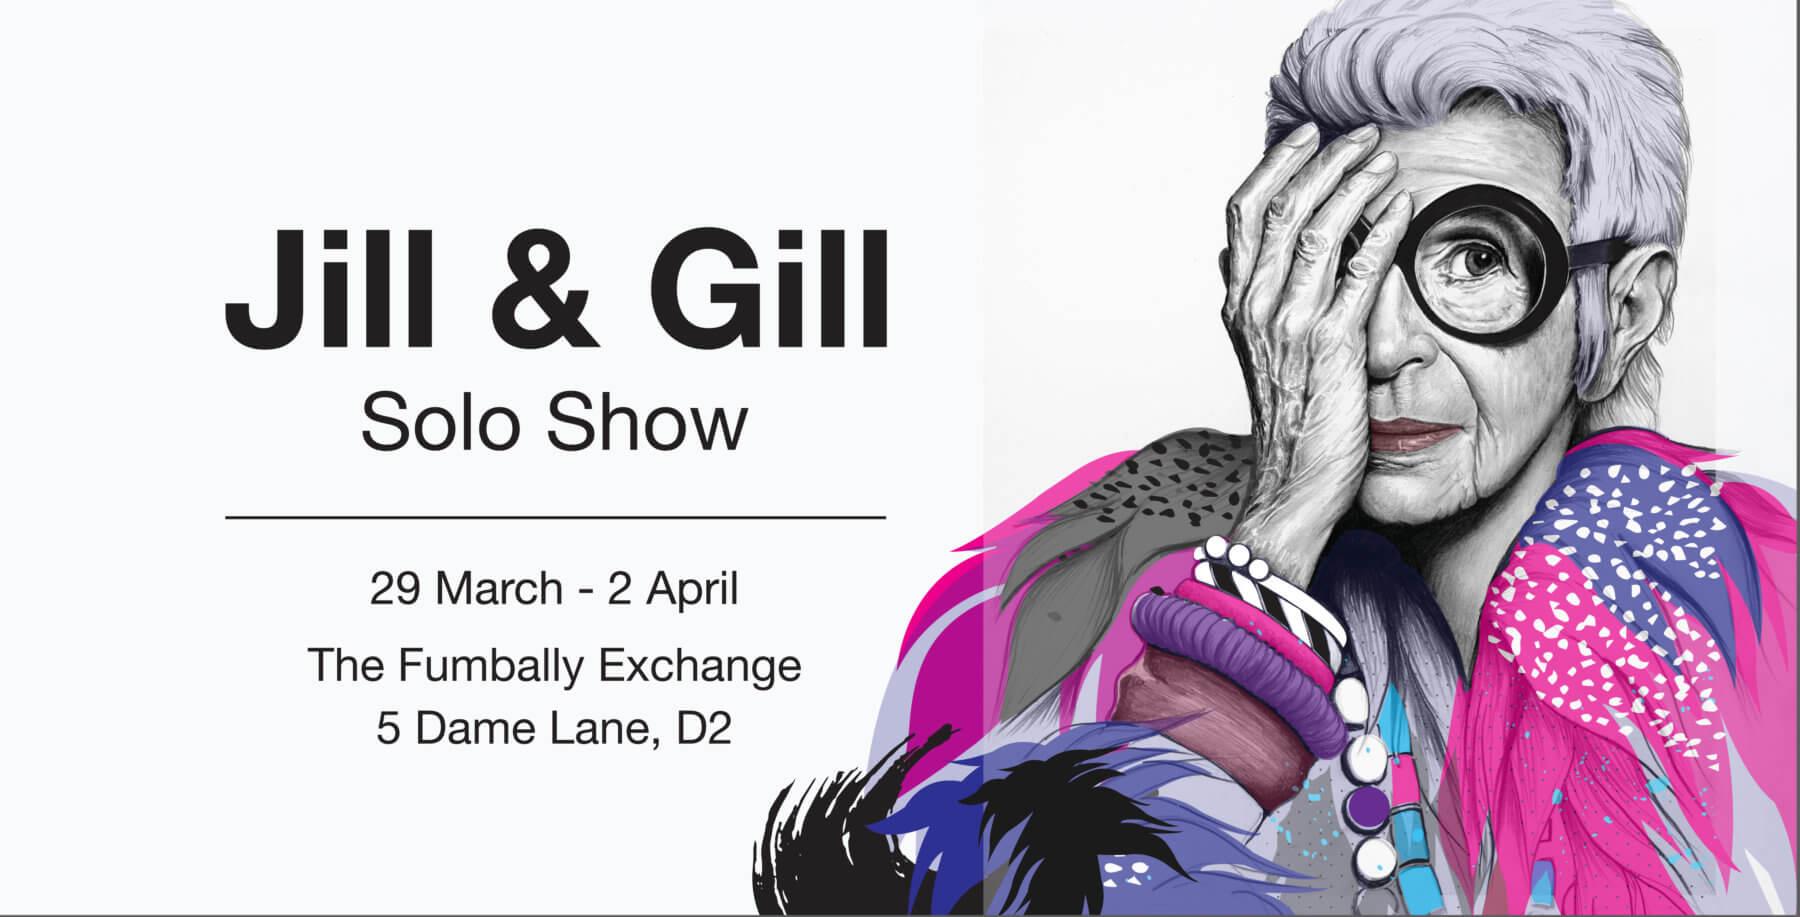 Jill & Gill Exhibition